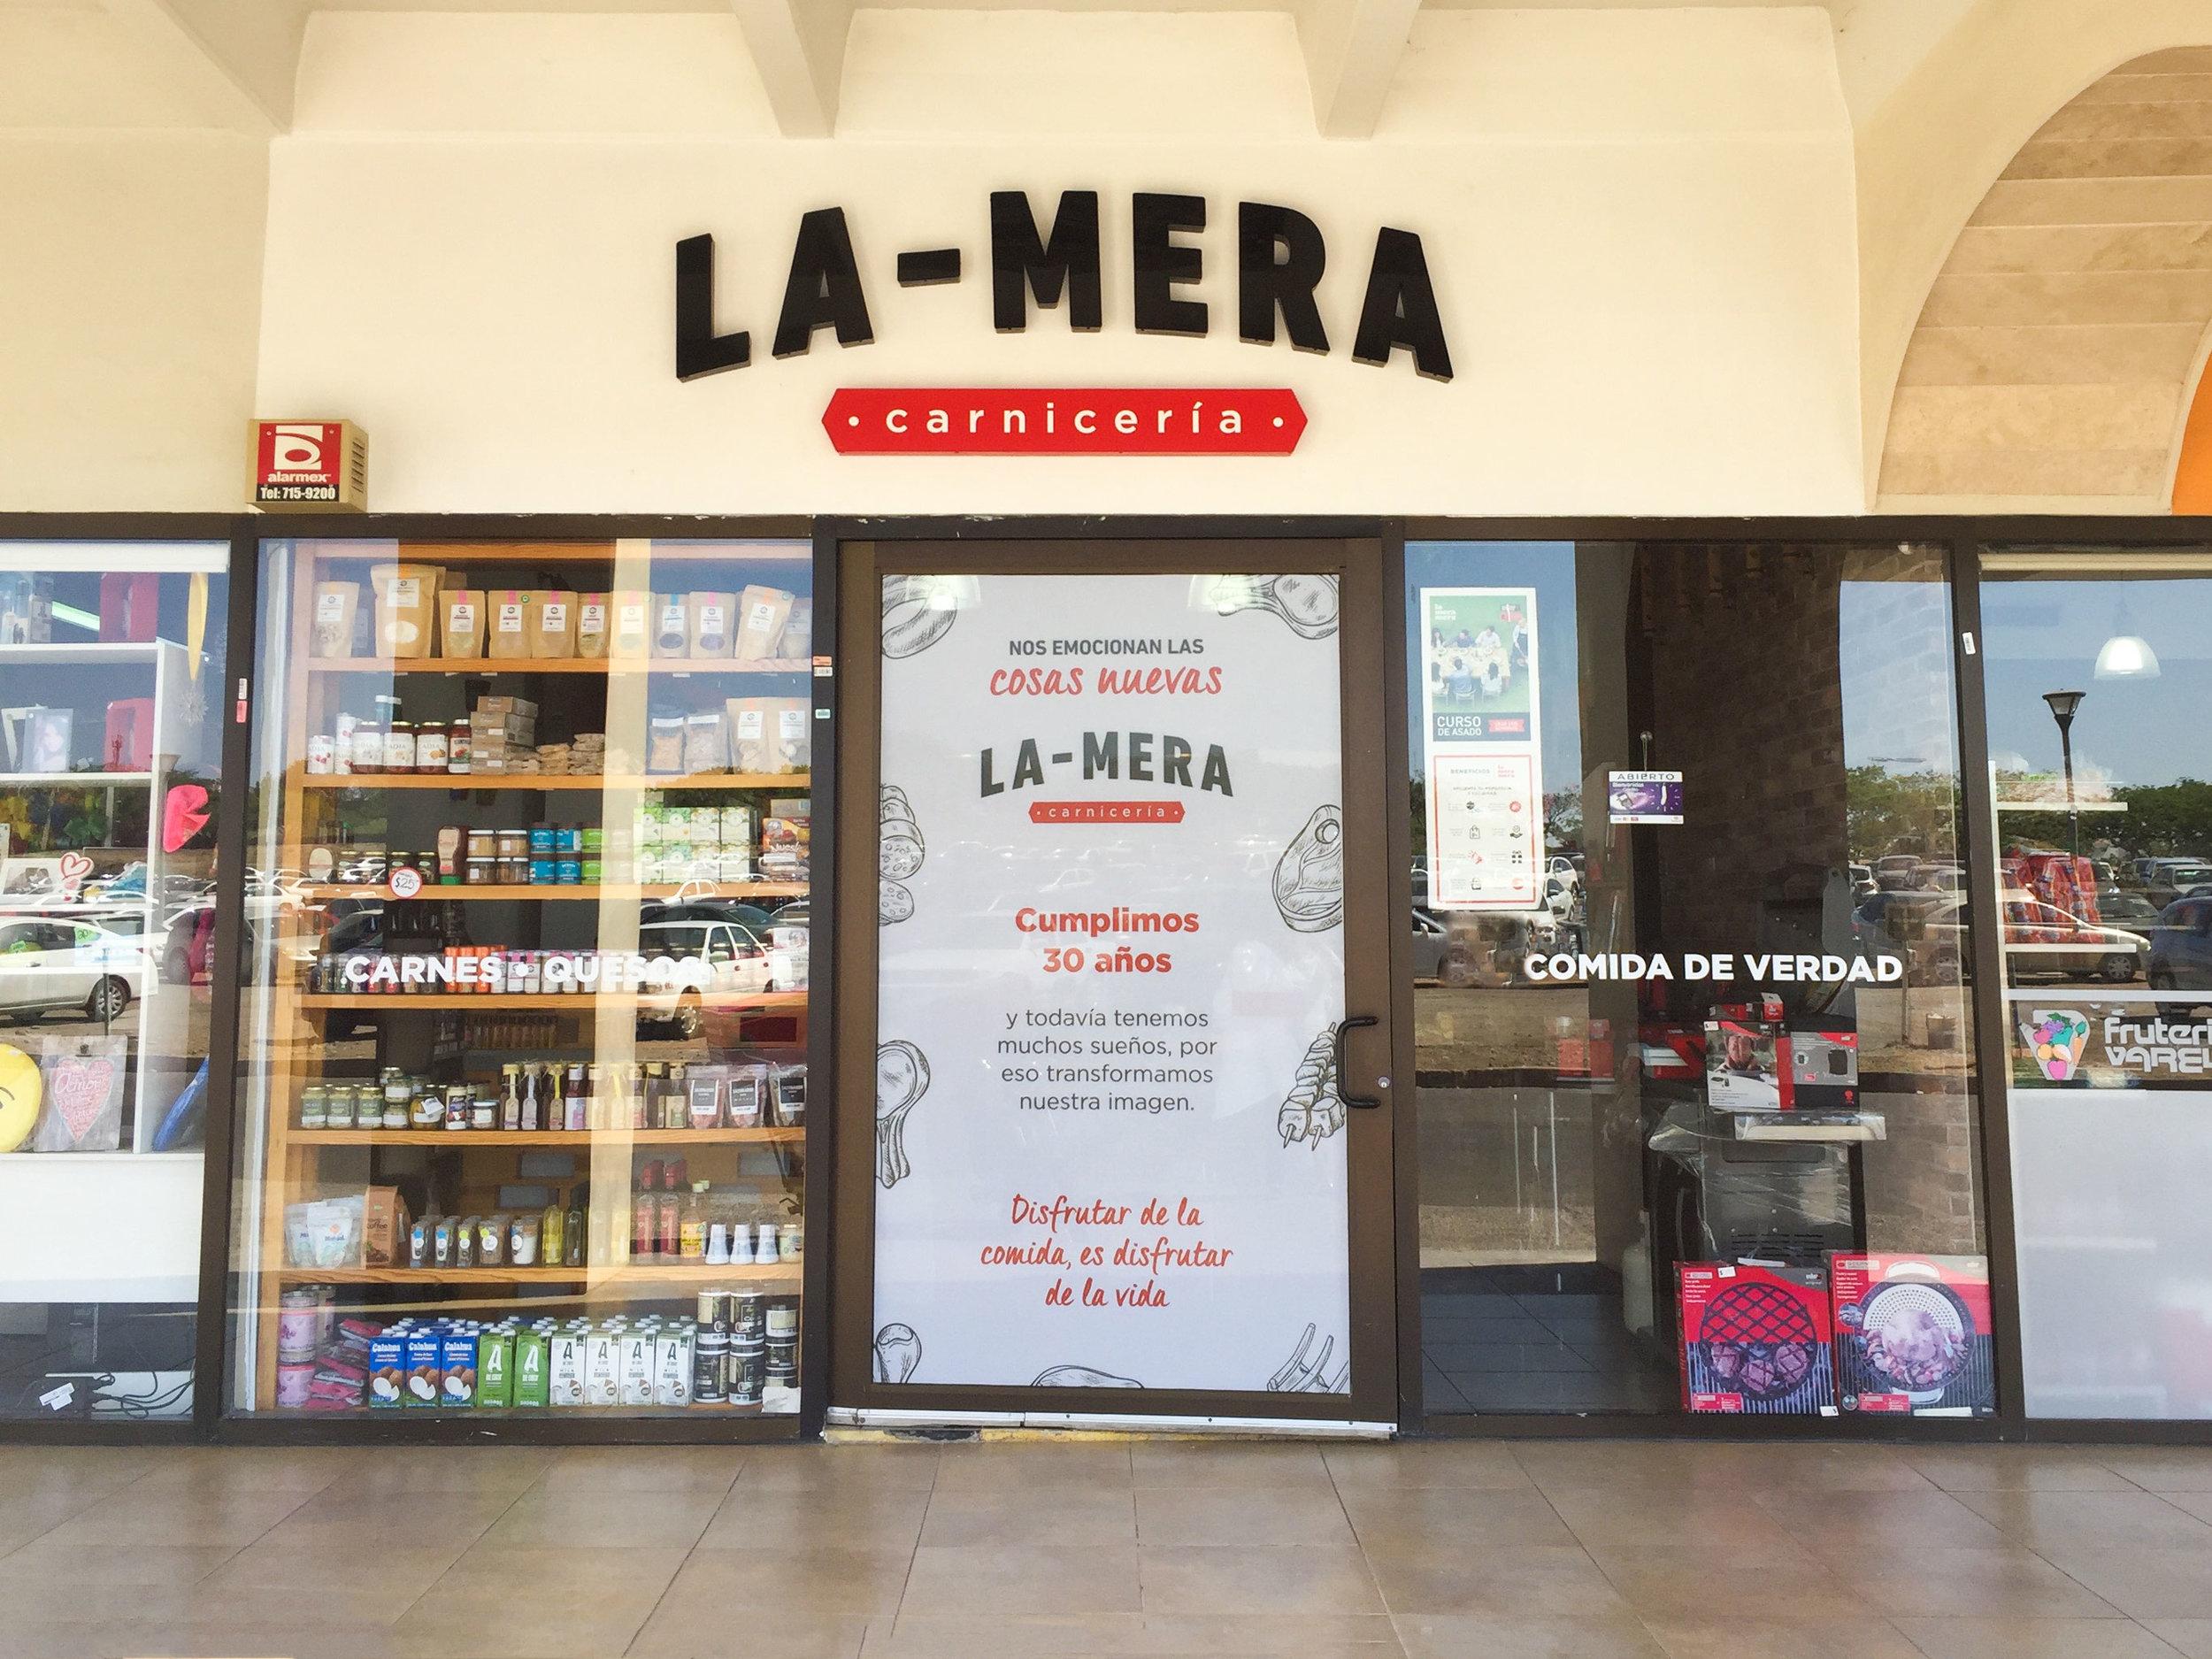 Fachada La Mera La PrimaVera.